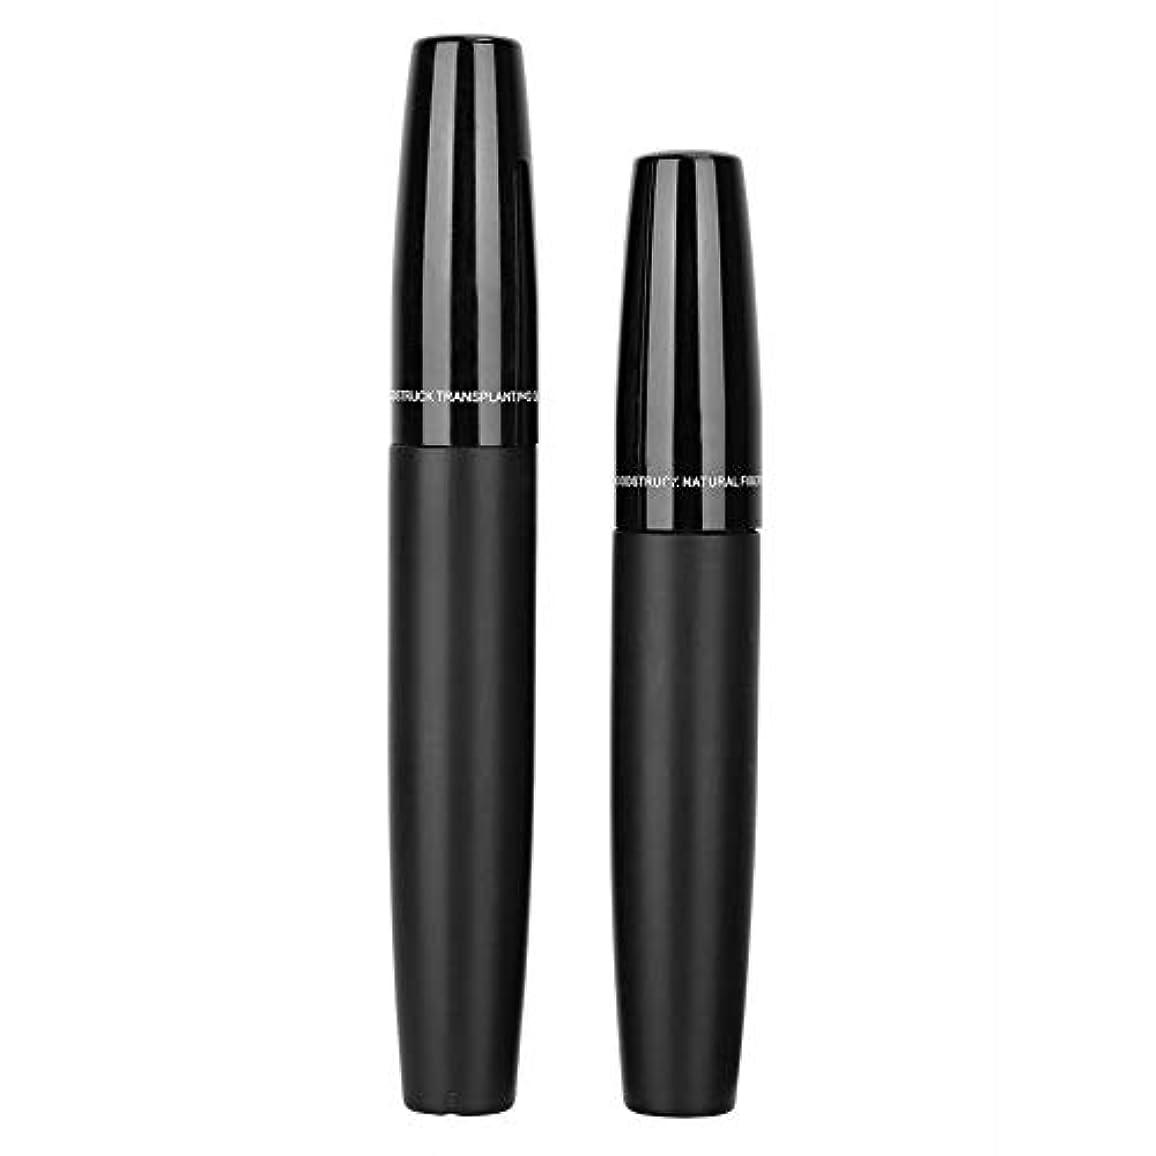 保護ウィザード熟読3Dマスカラ、2本ブラックチューブまつげ繊維セット緻密カーリングまつげエクステンション化粧品